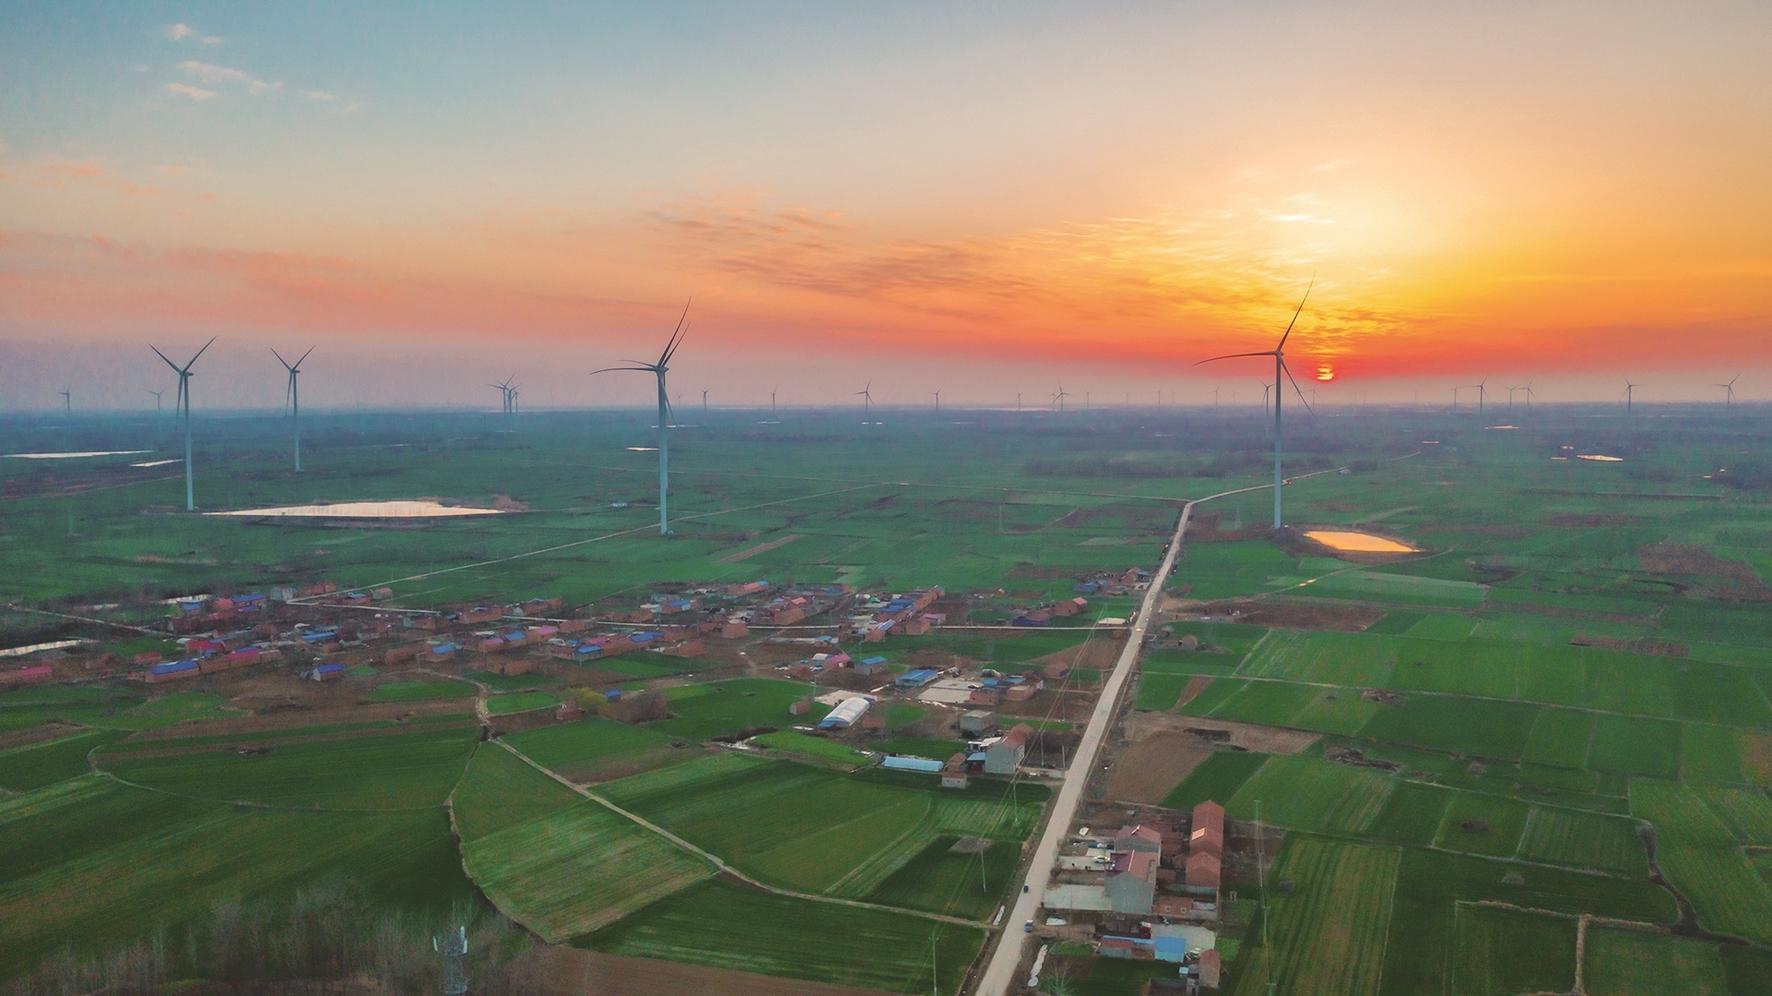 2日,泗洪县上塘镇垫湖村一望无际的绿色田野上,一台台风力发电机组迎风旋转,构成了一幅美丽的乡村画卷。张连华摄 (视觉江苏网供图)